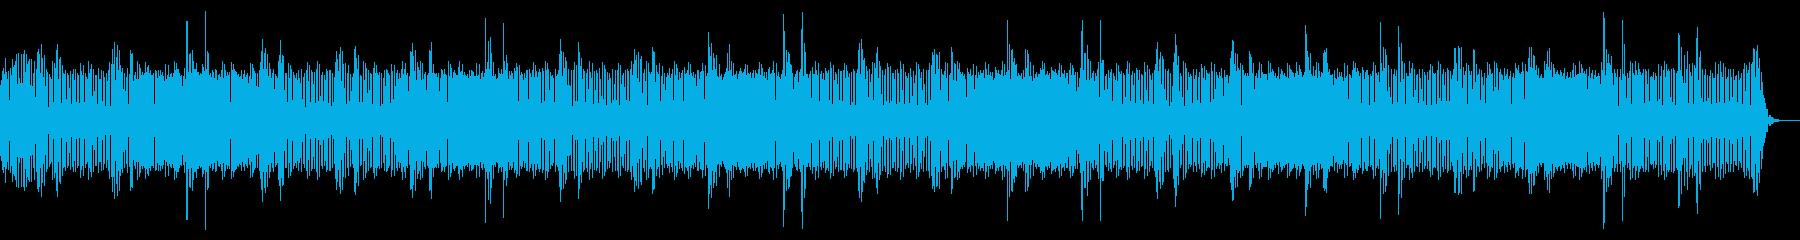 【ホラー】不気味な夏の夜の外の音の再生済みの波形